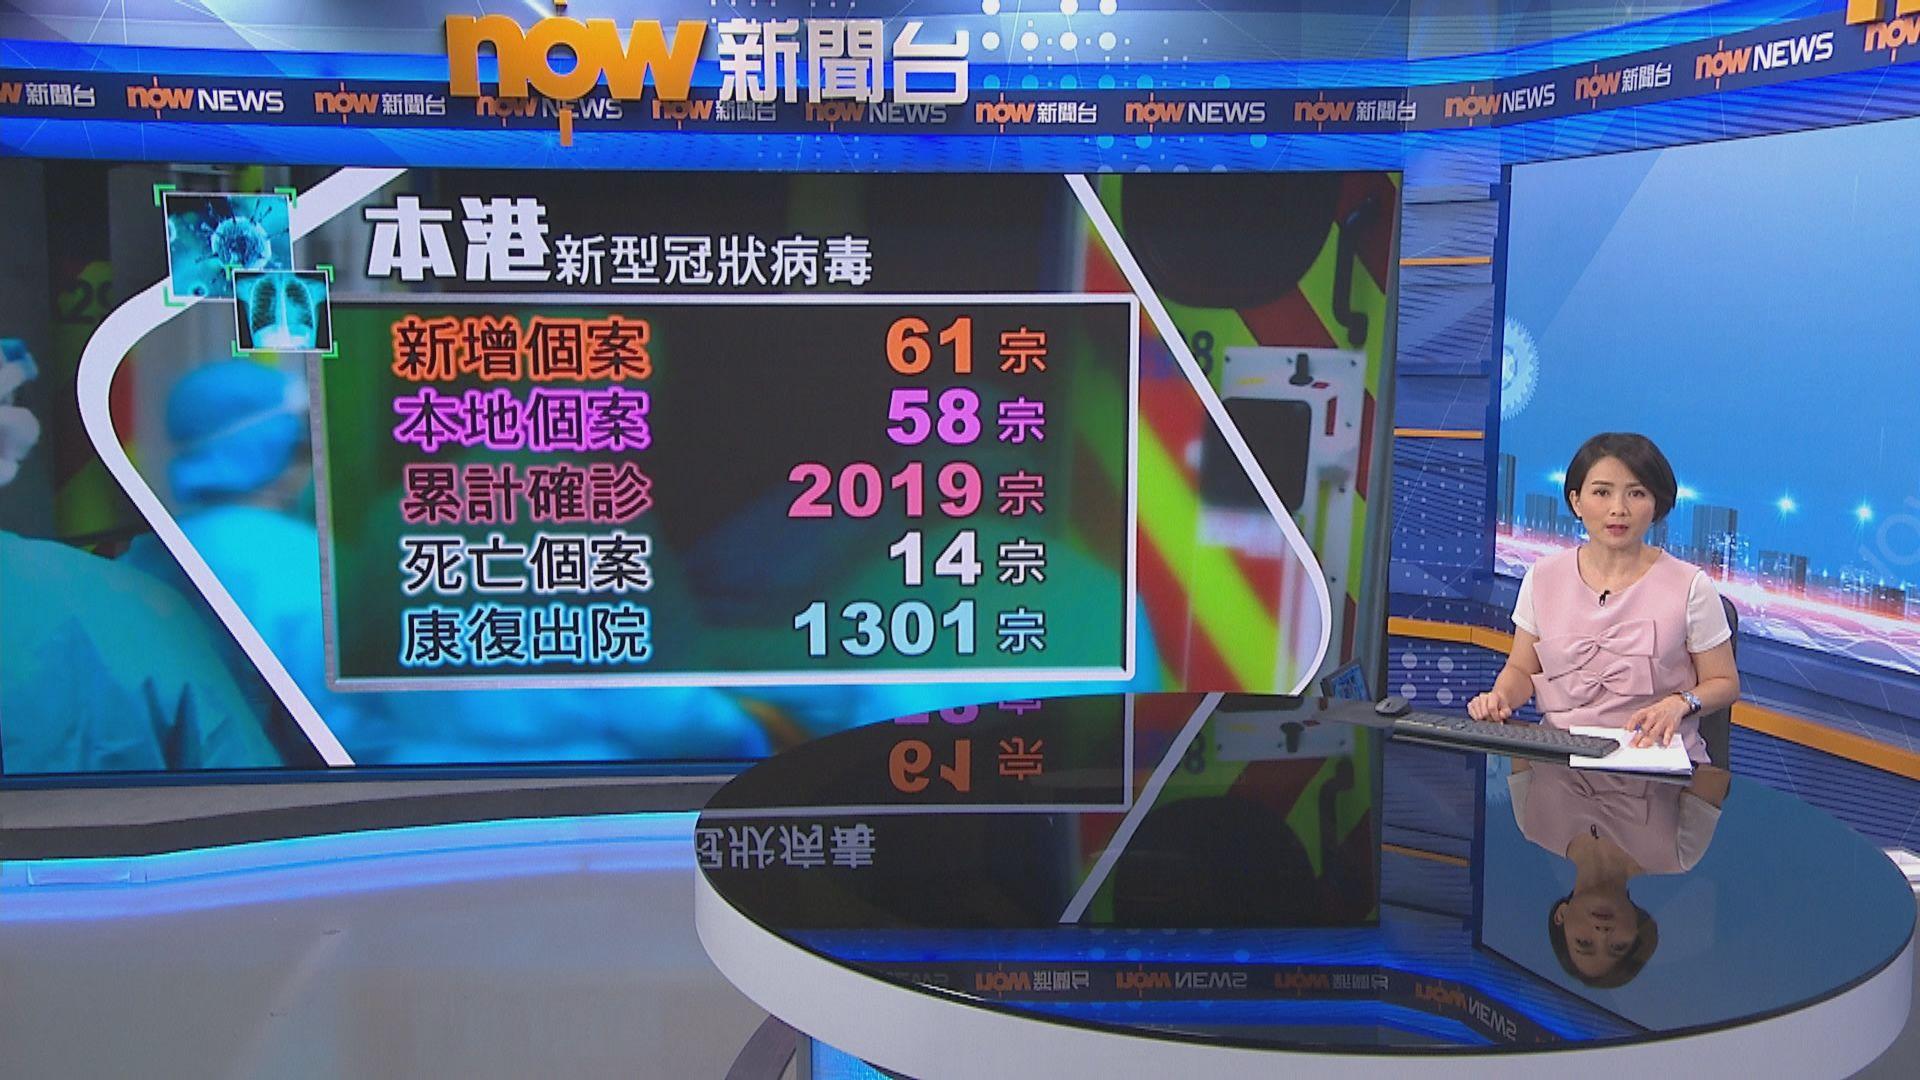 本港新增61宗新冠病毒確診 累計確診個案突破二千宗